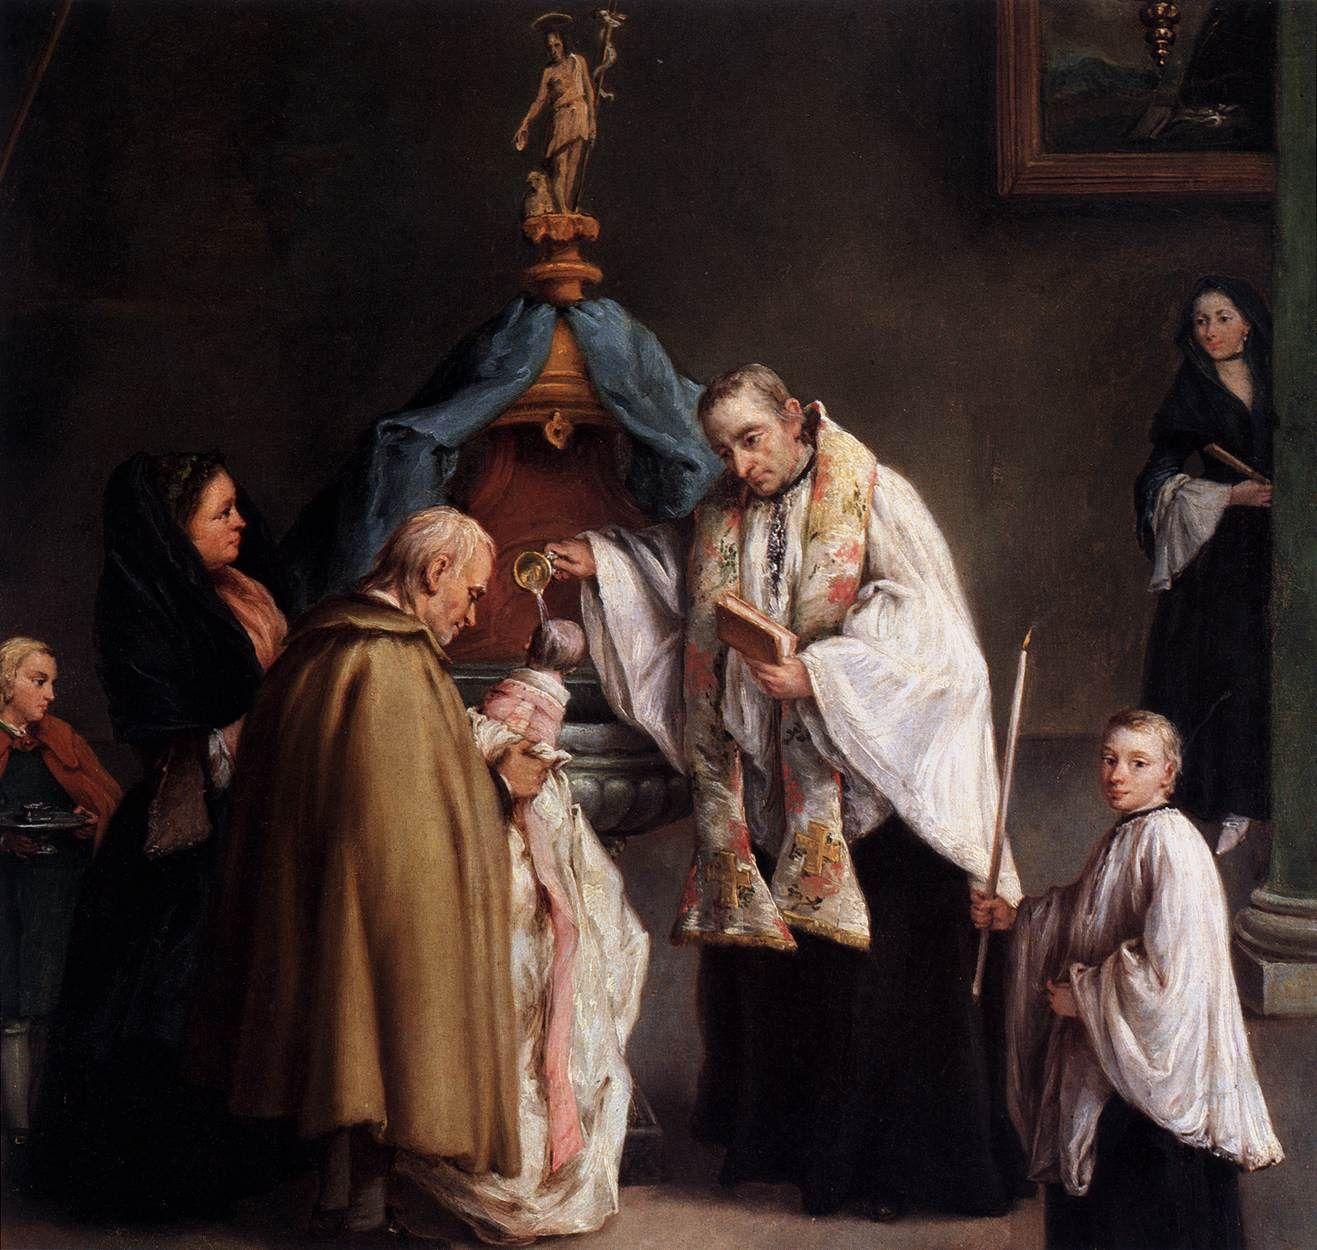 Santo Battesimo di un bimbo.